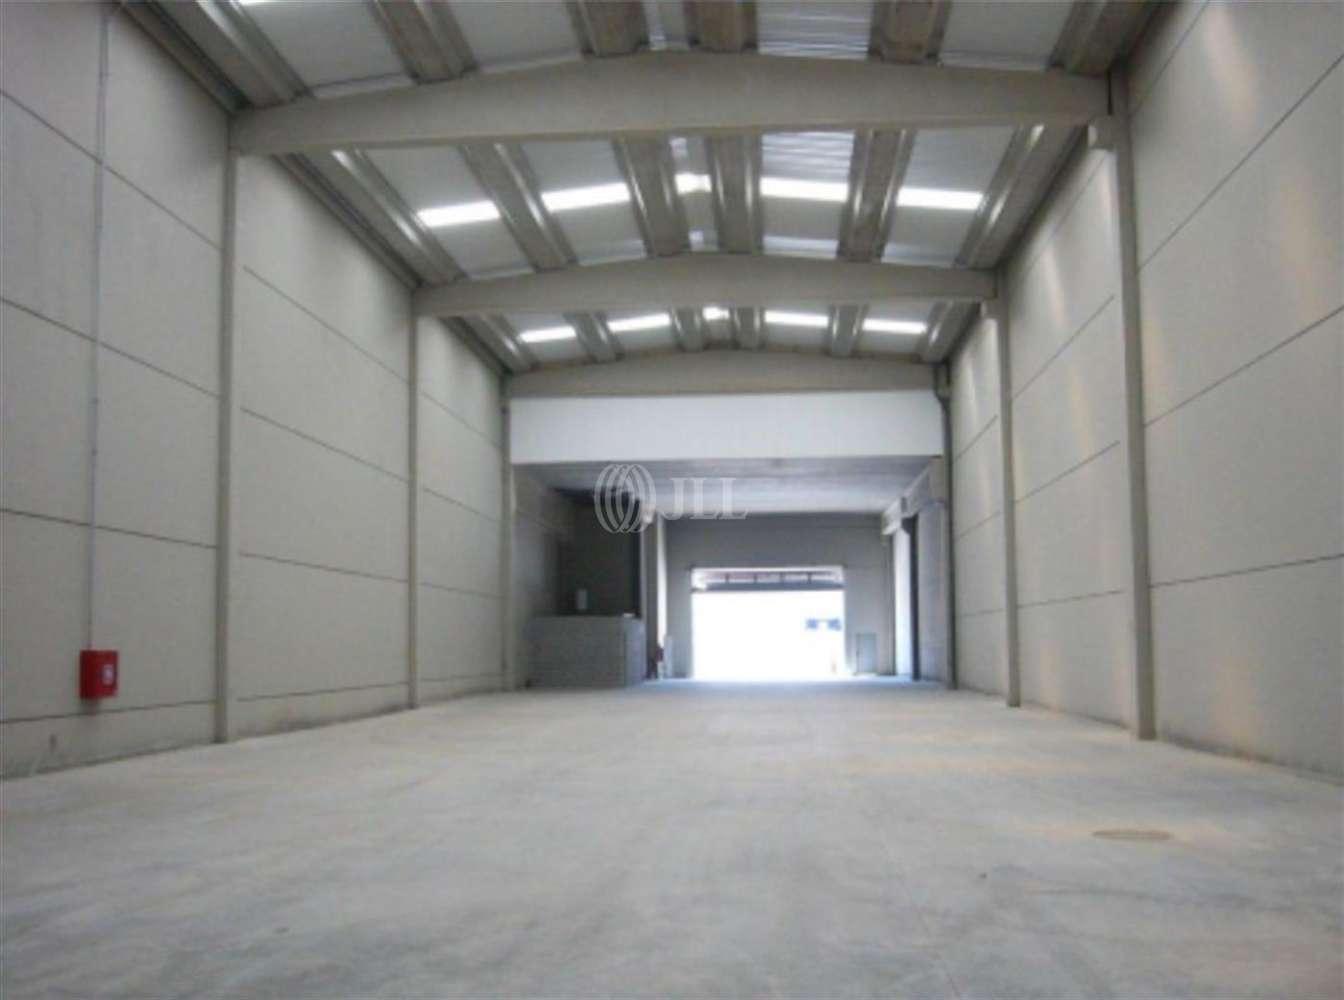 Naves industriales y logísticas Cornellà de llobregat, 08940 - Nave Industrial - B0044 - PI ALMEDA